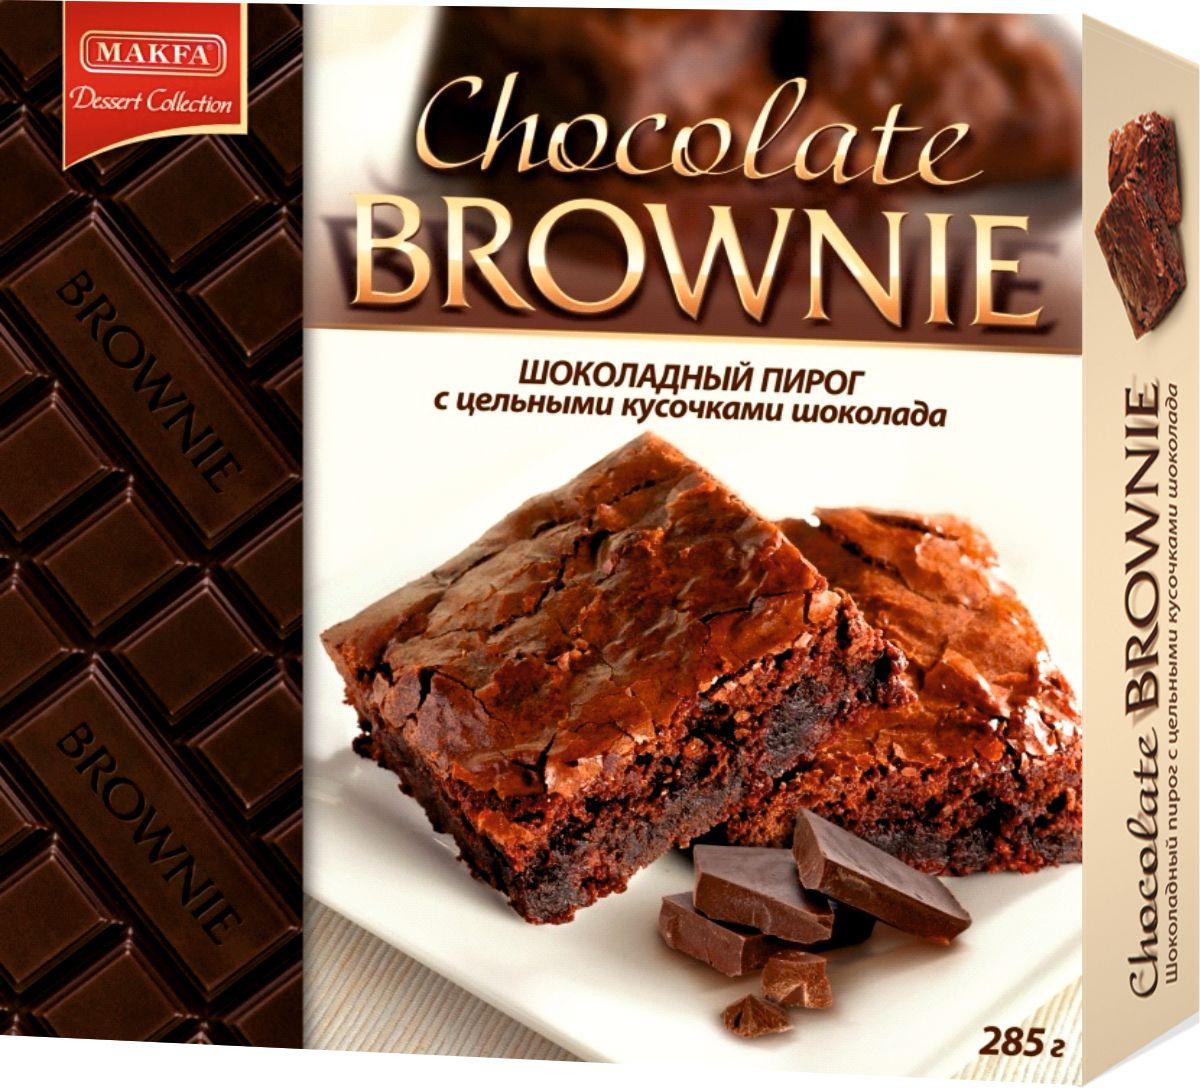 Makfa Dessert Collection пирог бисквитный с кусочками шоколада, 285 г0120710Его тающая структура, плотная и легкая одновременно, дарит поистине незабываемый вкус темного шоколада, который дополняют и подчеркивают цельные кусочки шоколада.